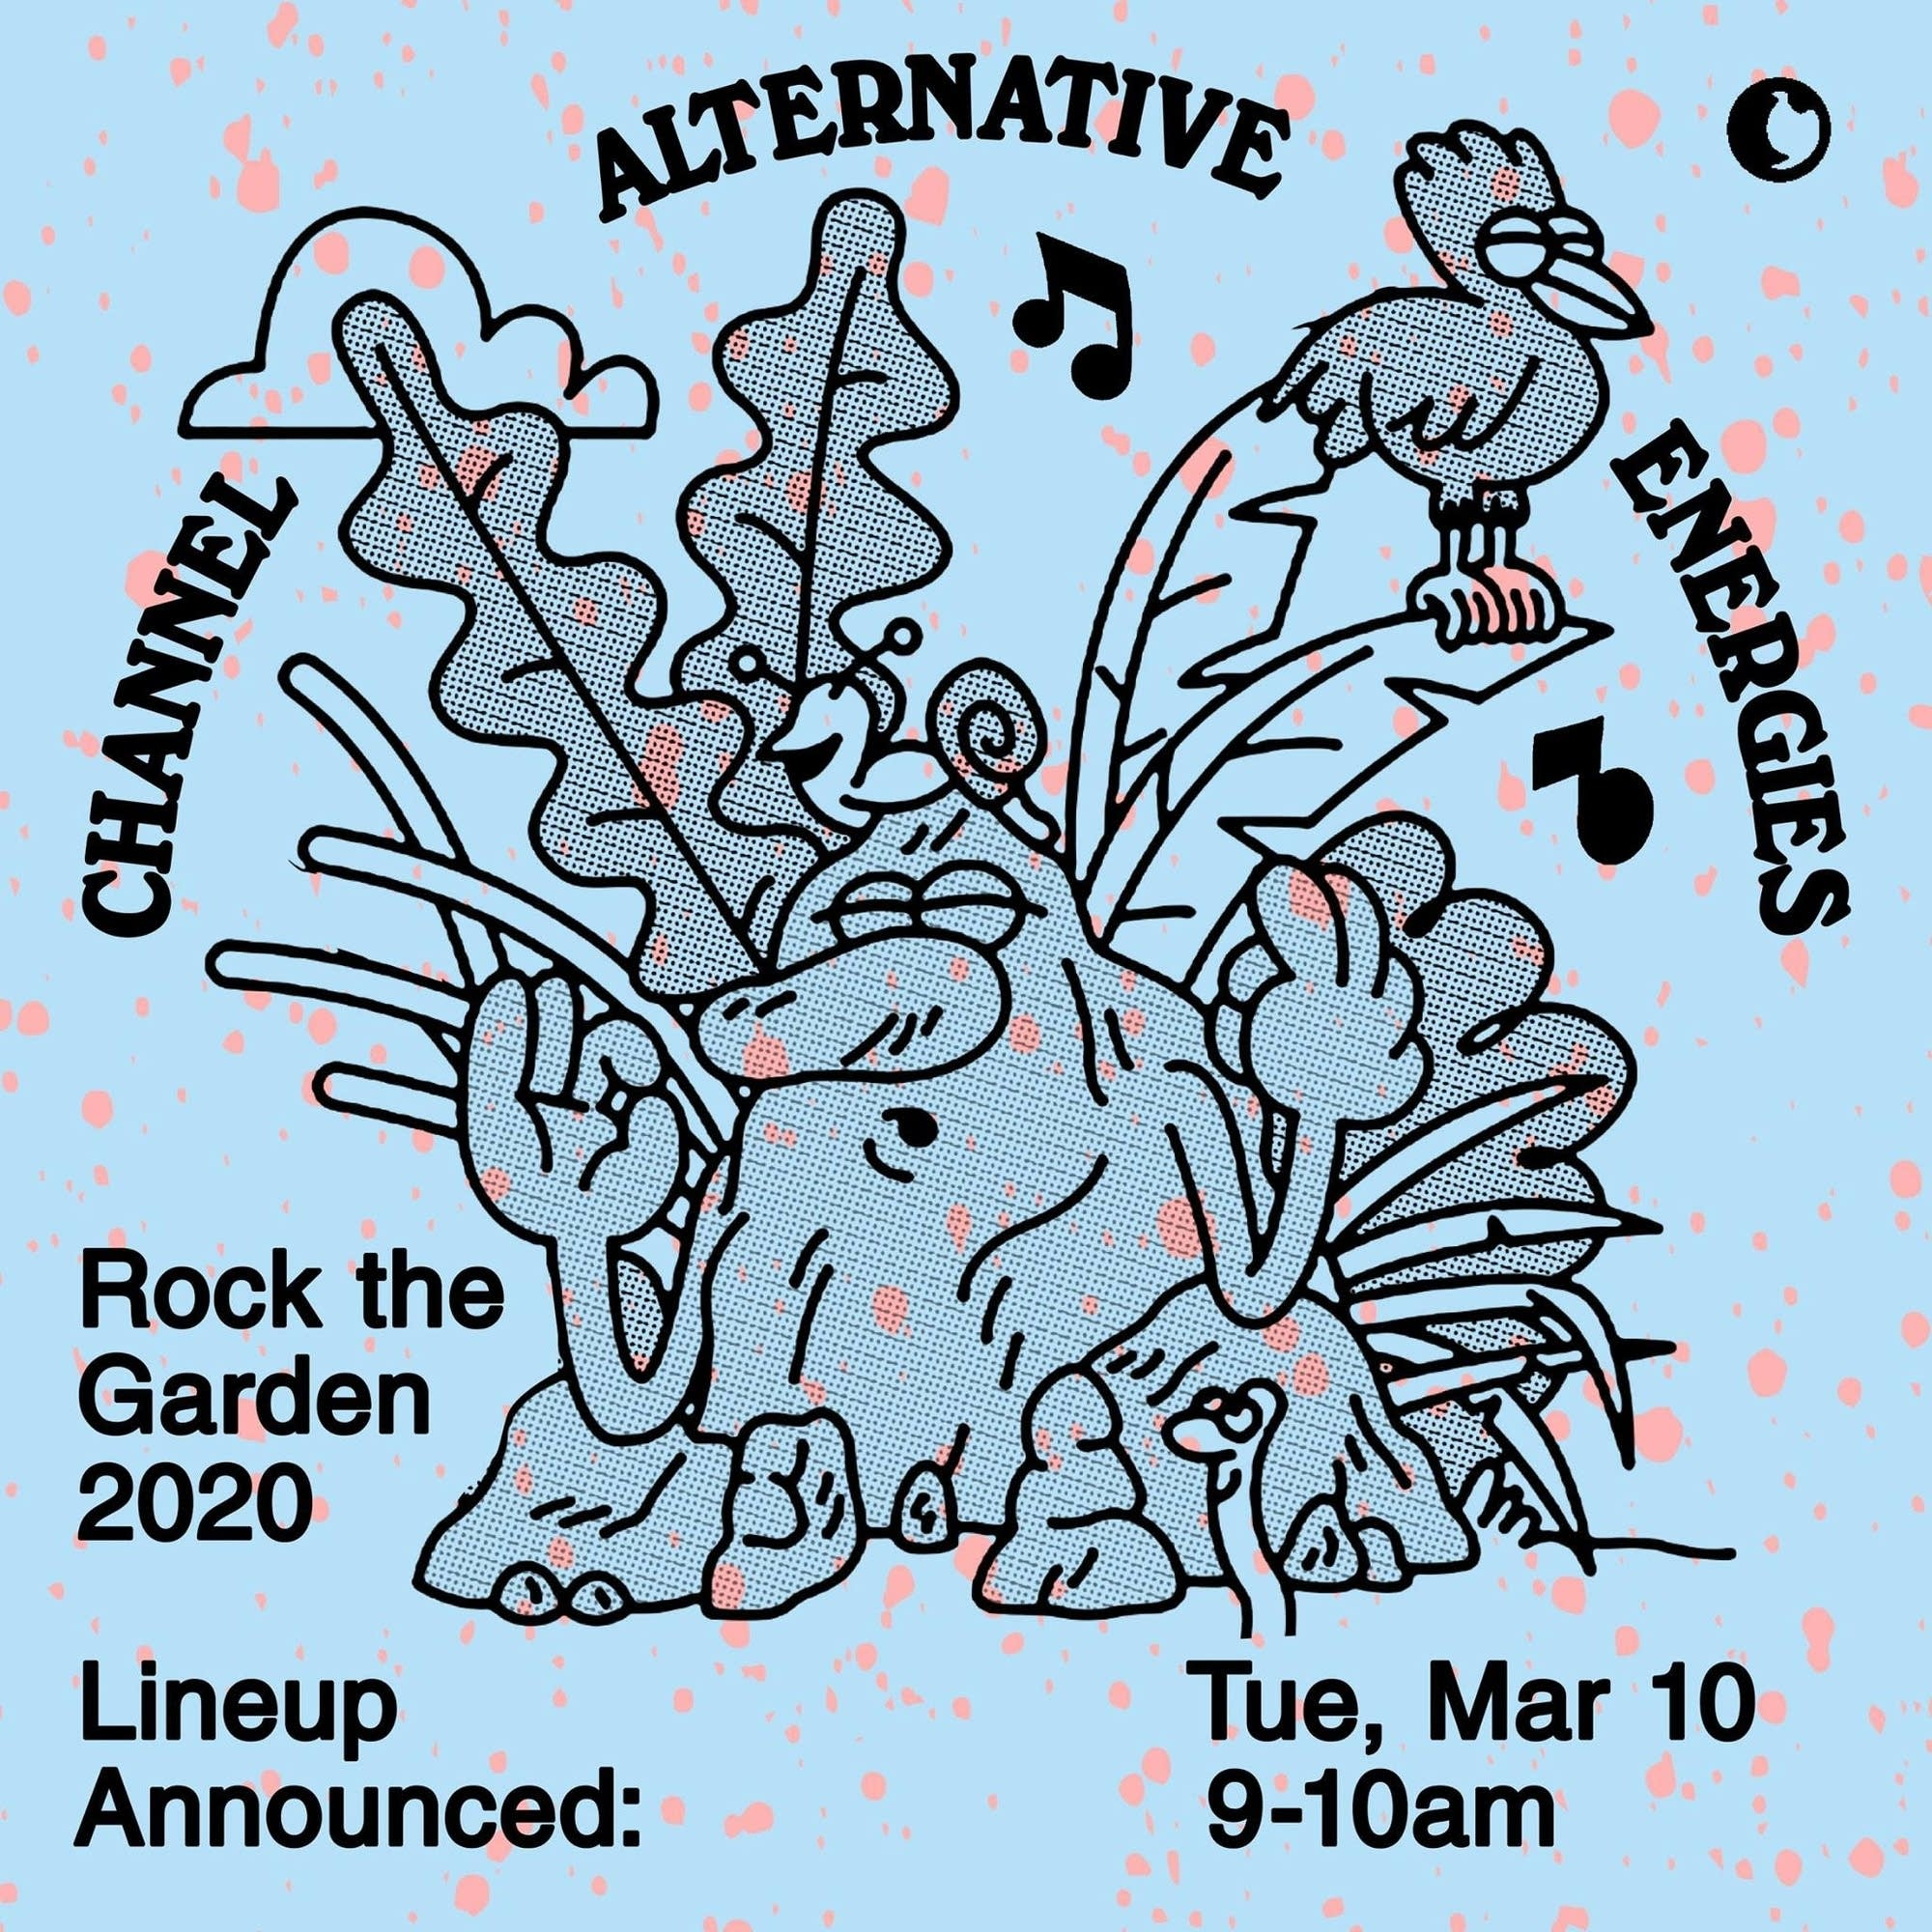 Rock the Garden Lineup announcement